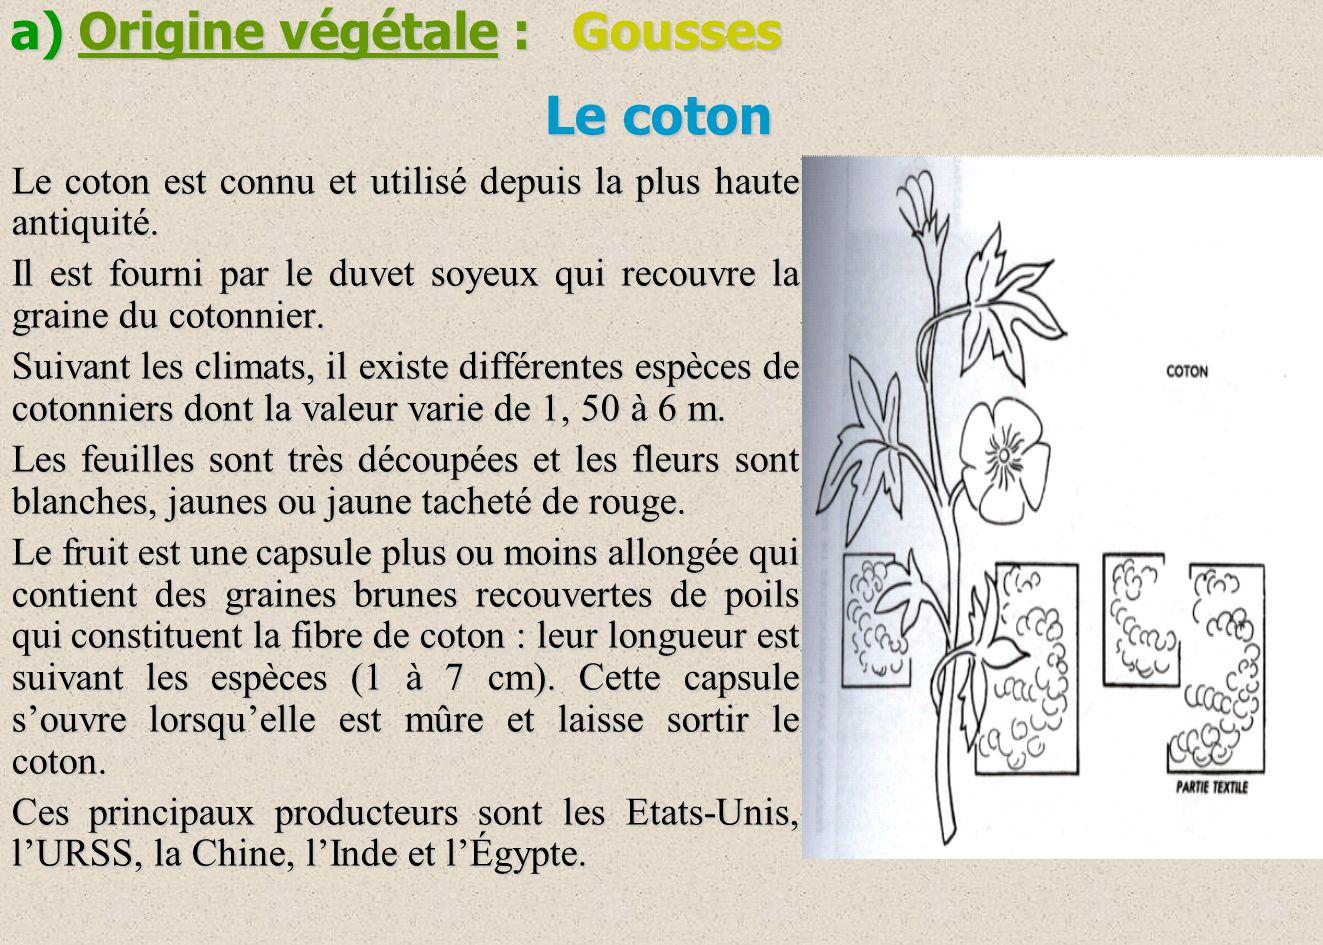 Le coton Le coton est connu et utilisé depuis la plus haute antiquité. Il est fourni par le duvet soyeux qui recouvre la graine du cotonnier. Suivant